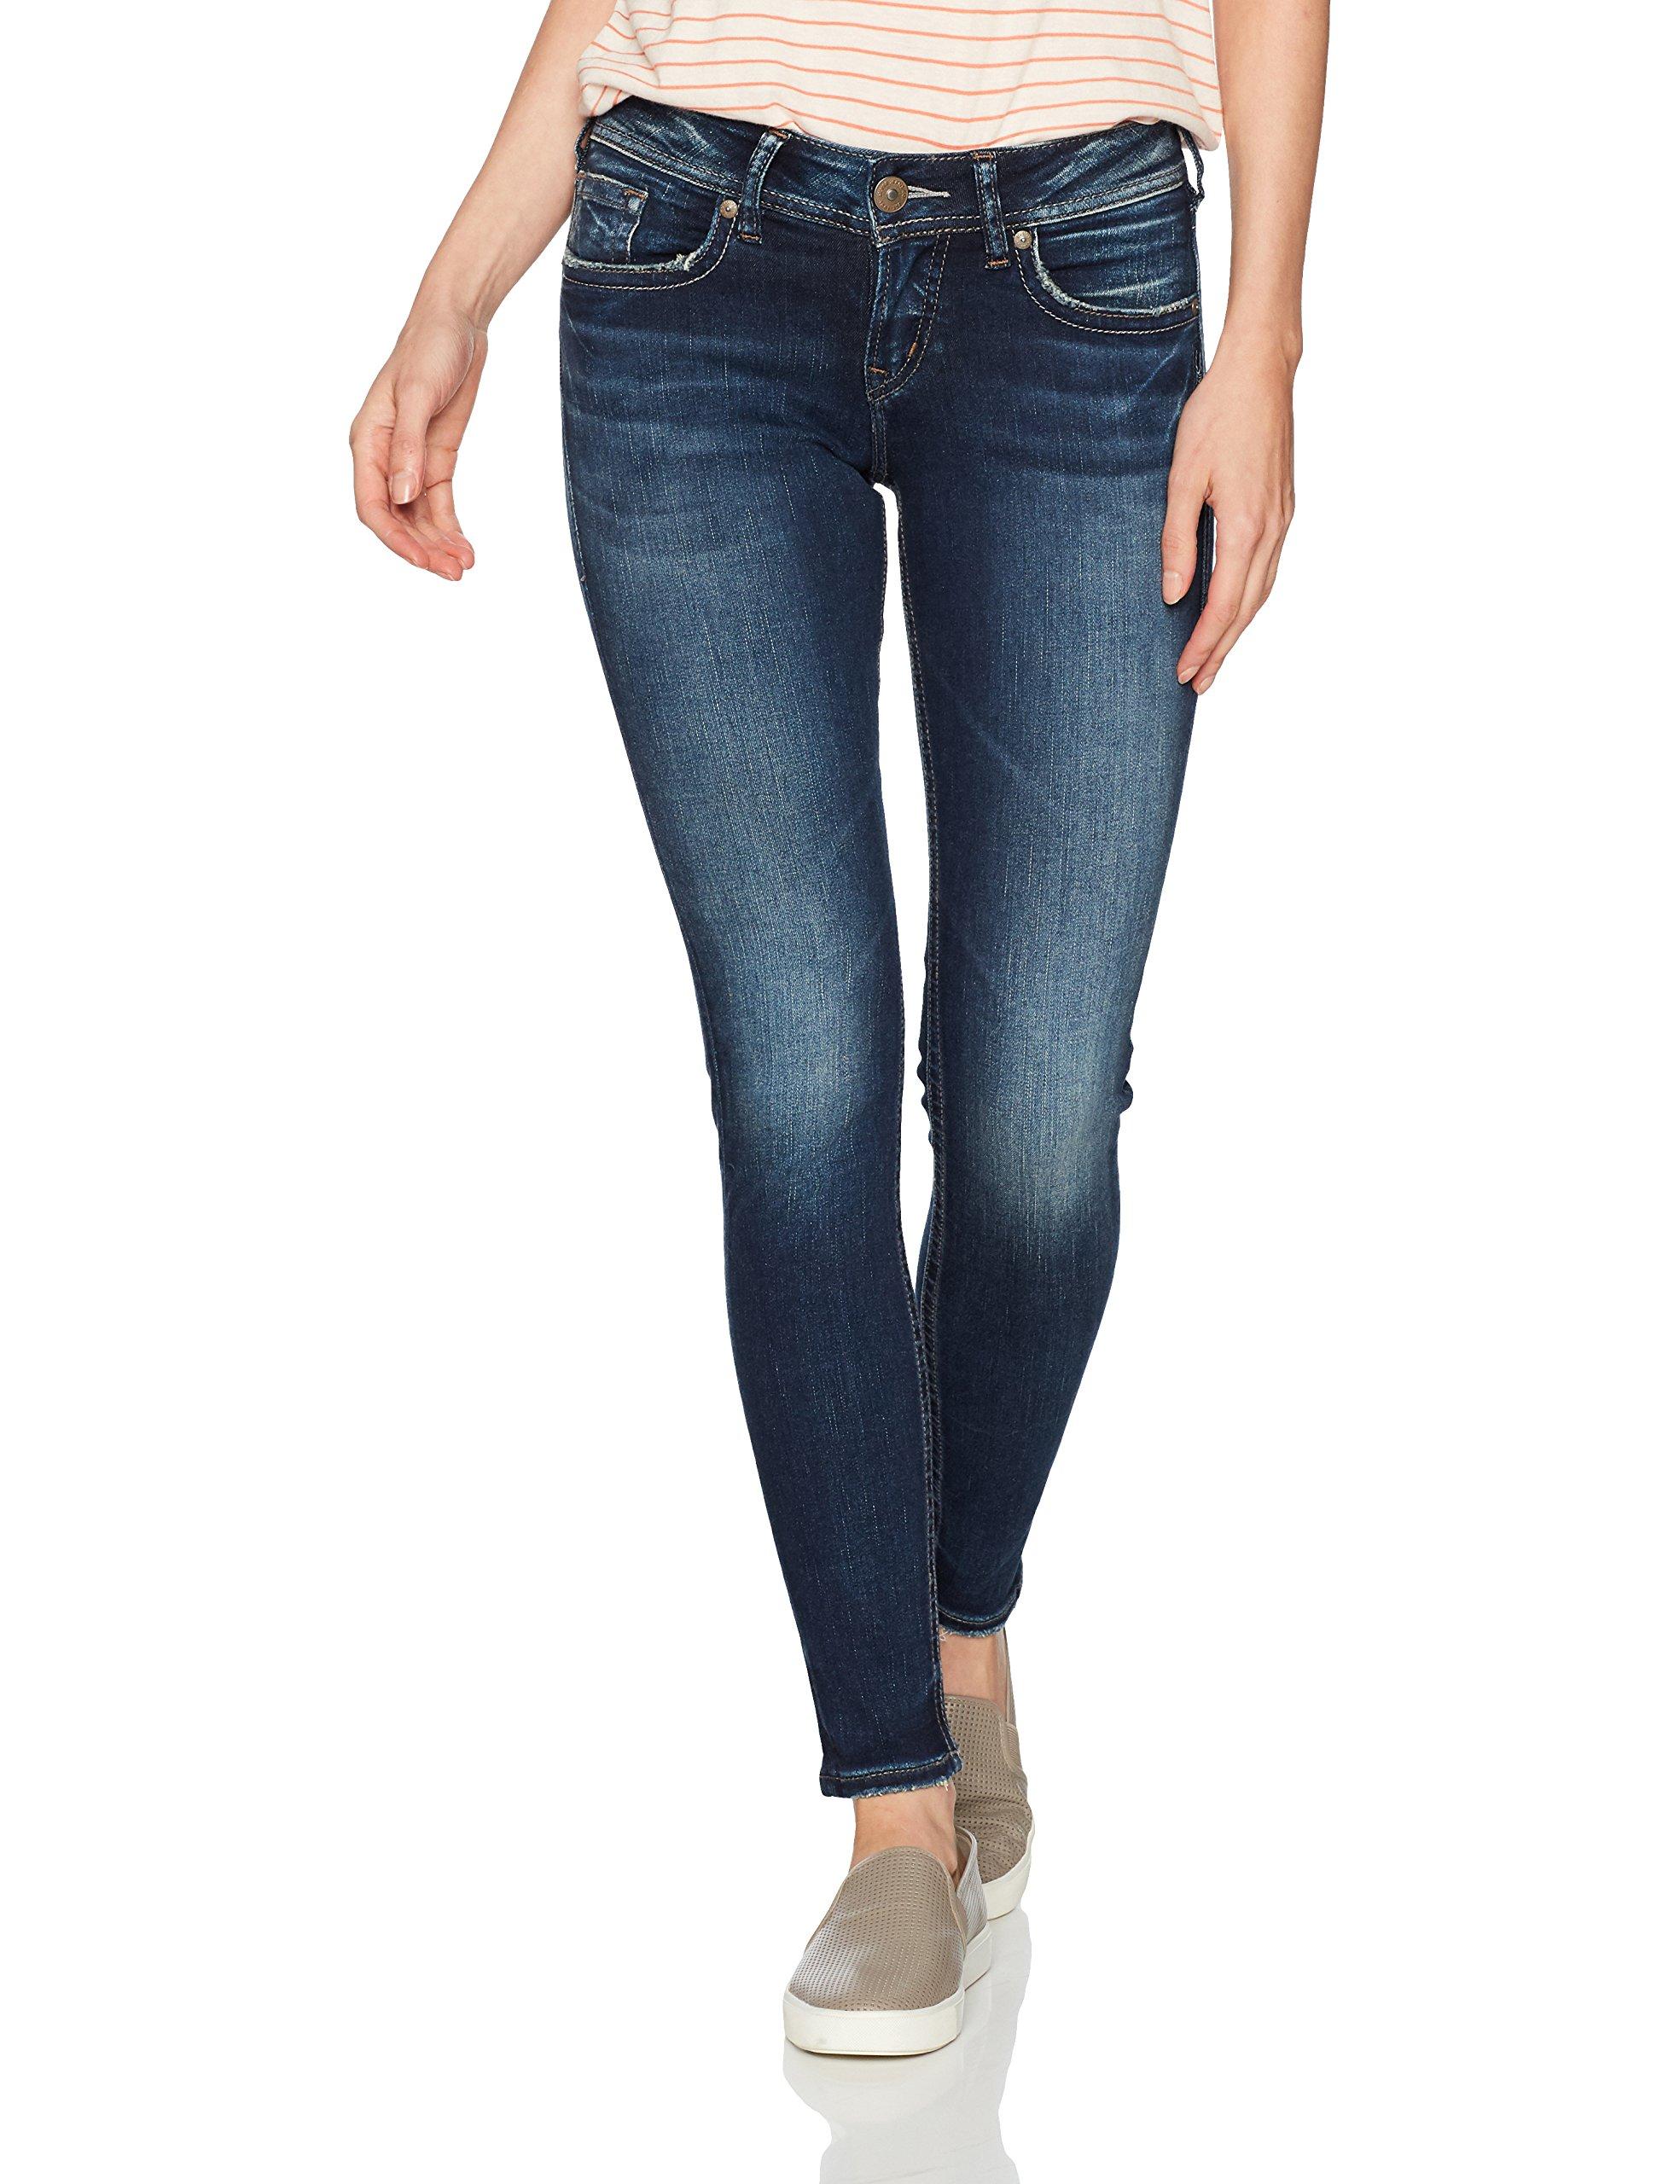 Silver Jeans Women's Suki Curvy Fit Mid Rise Super Skinny Jeans, Dark Sandblast Wash, 30 X 31